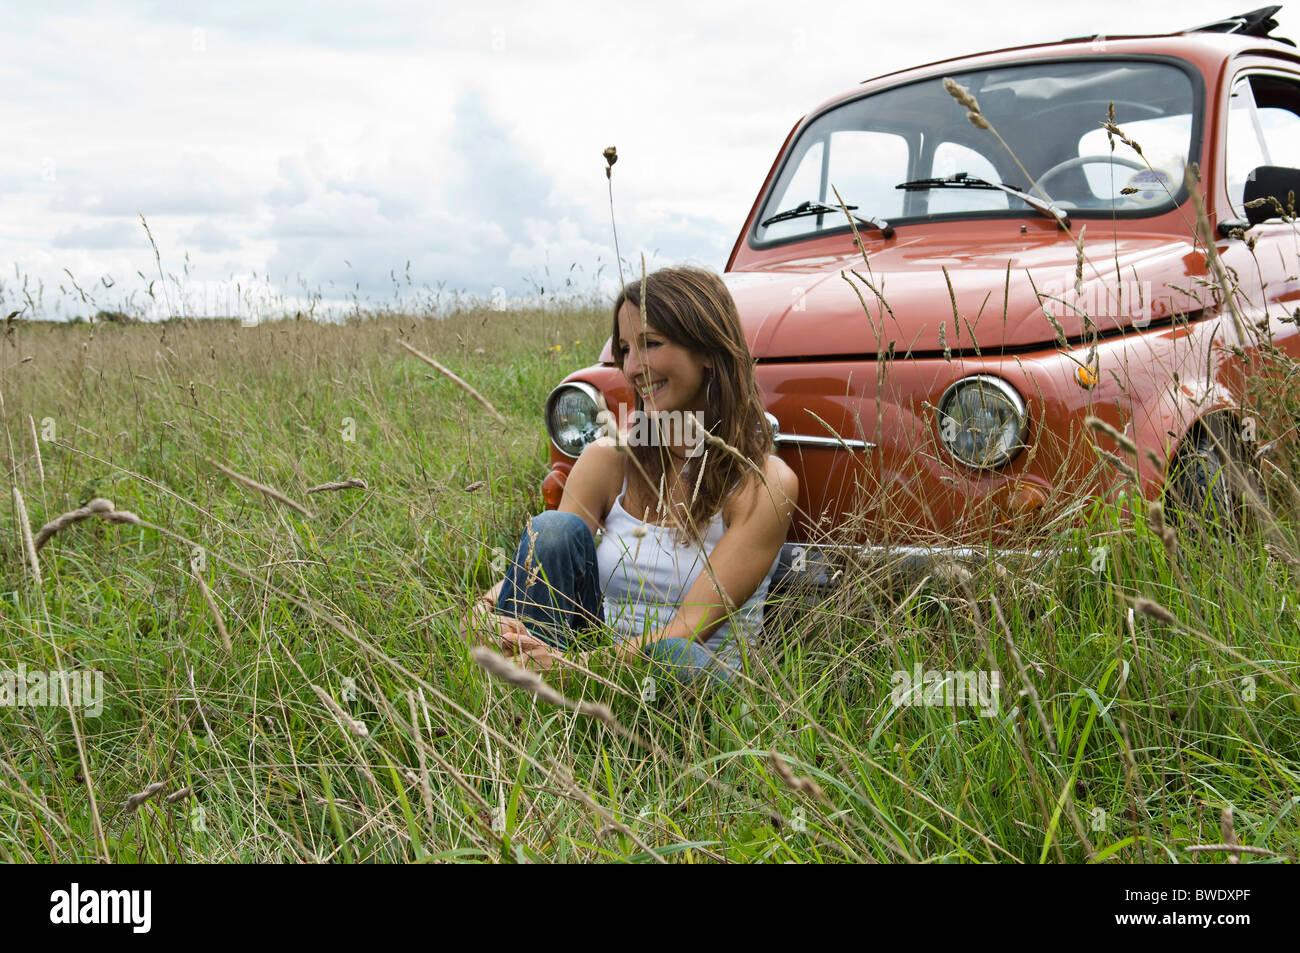 Entspannte weiblich mit dem Auto in Landschaft Stockbild